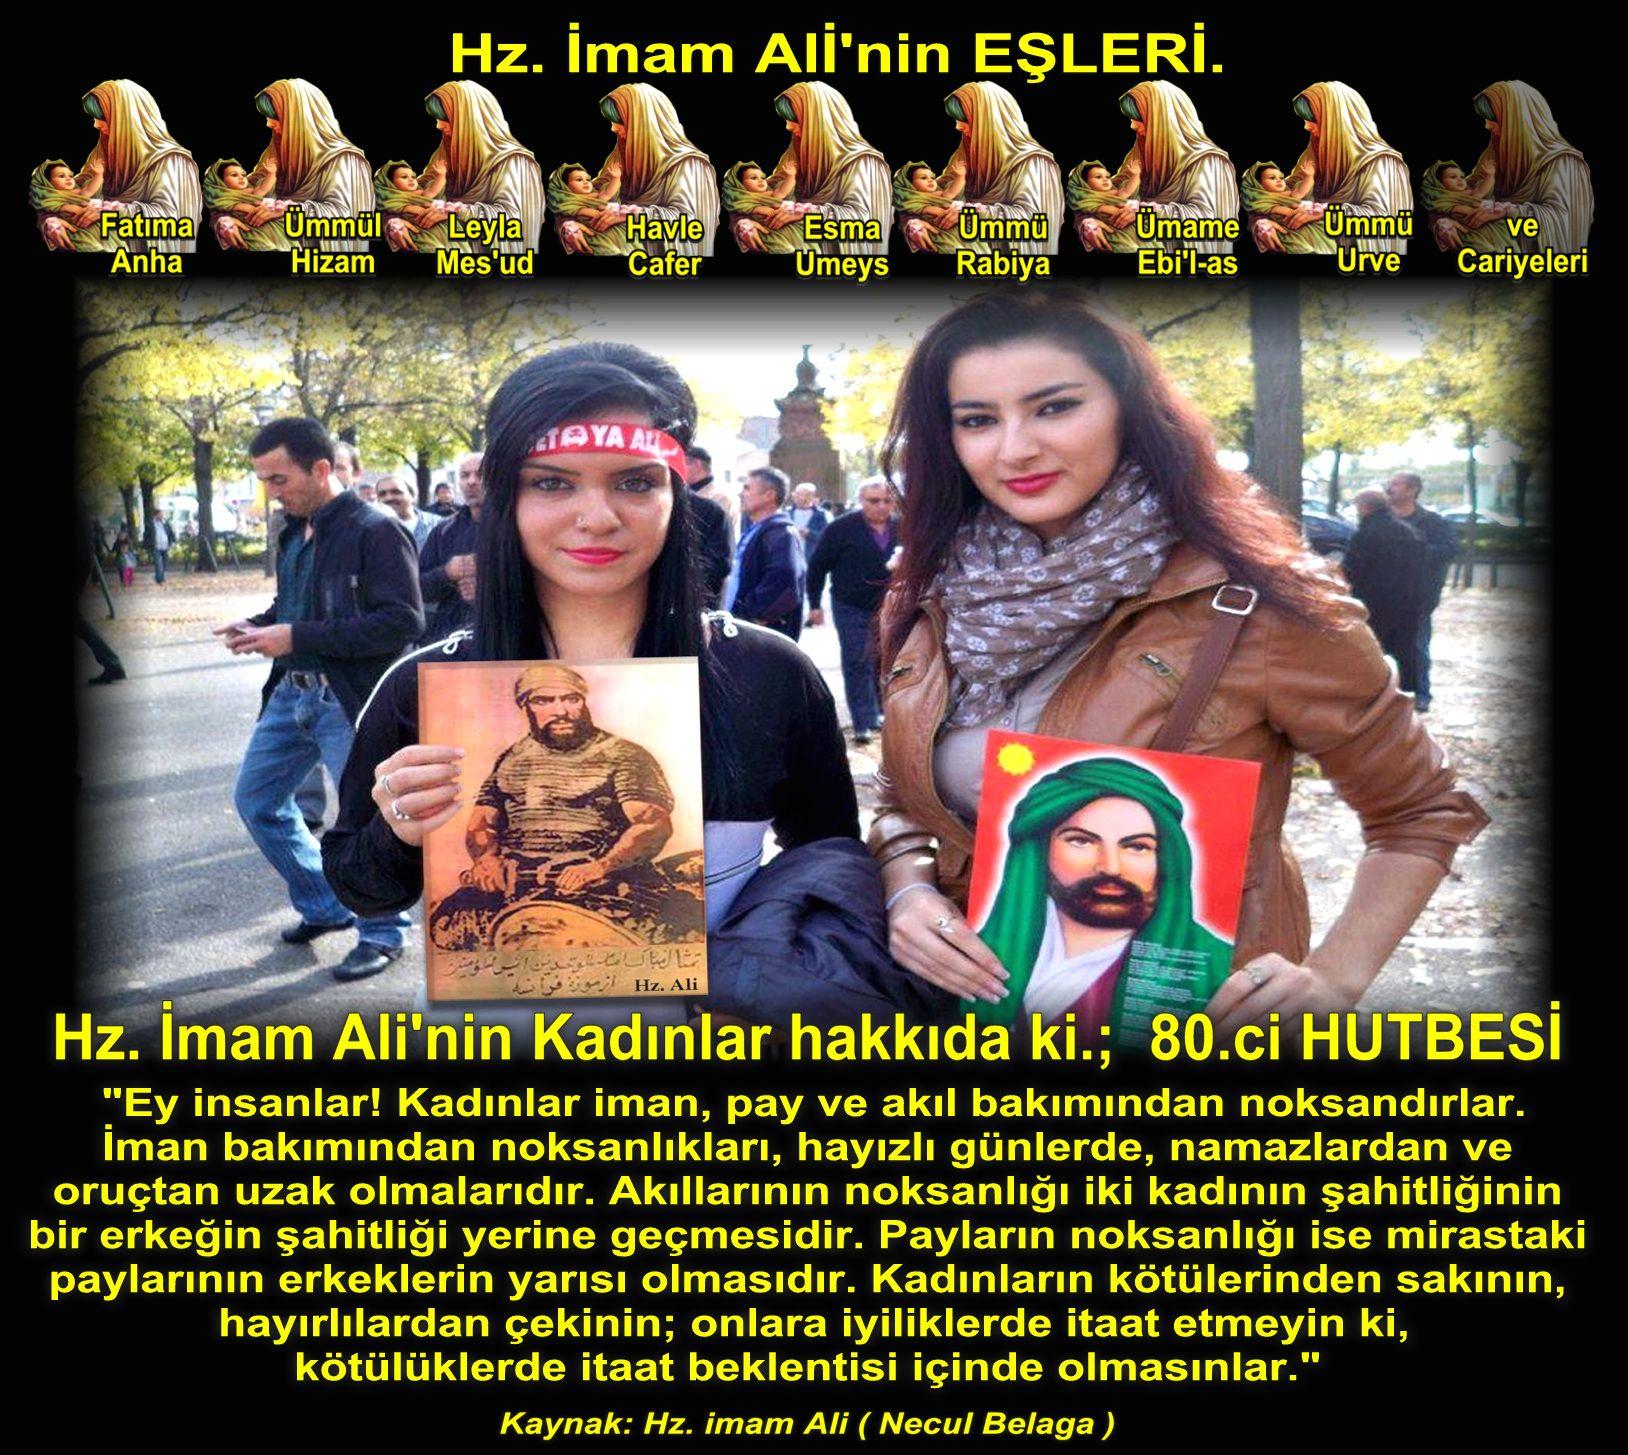 Devrimci Aleviler Birliği DAB Alevi Kızılbaş Bektaşi pir sultan cem hz Ali 12 imam semah Feramuz Şah Acar imam ali arap alevi genclik kizlar siyah